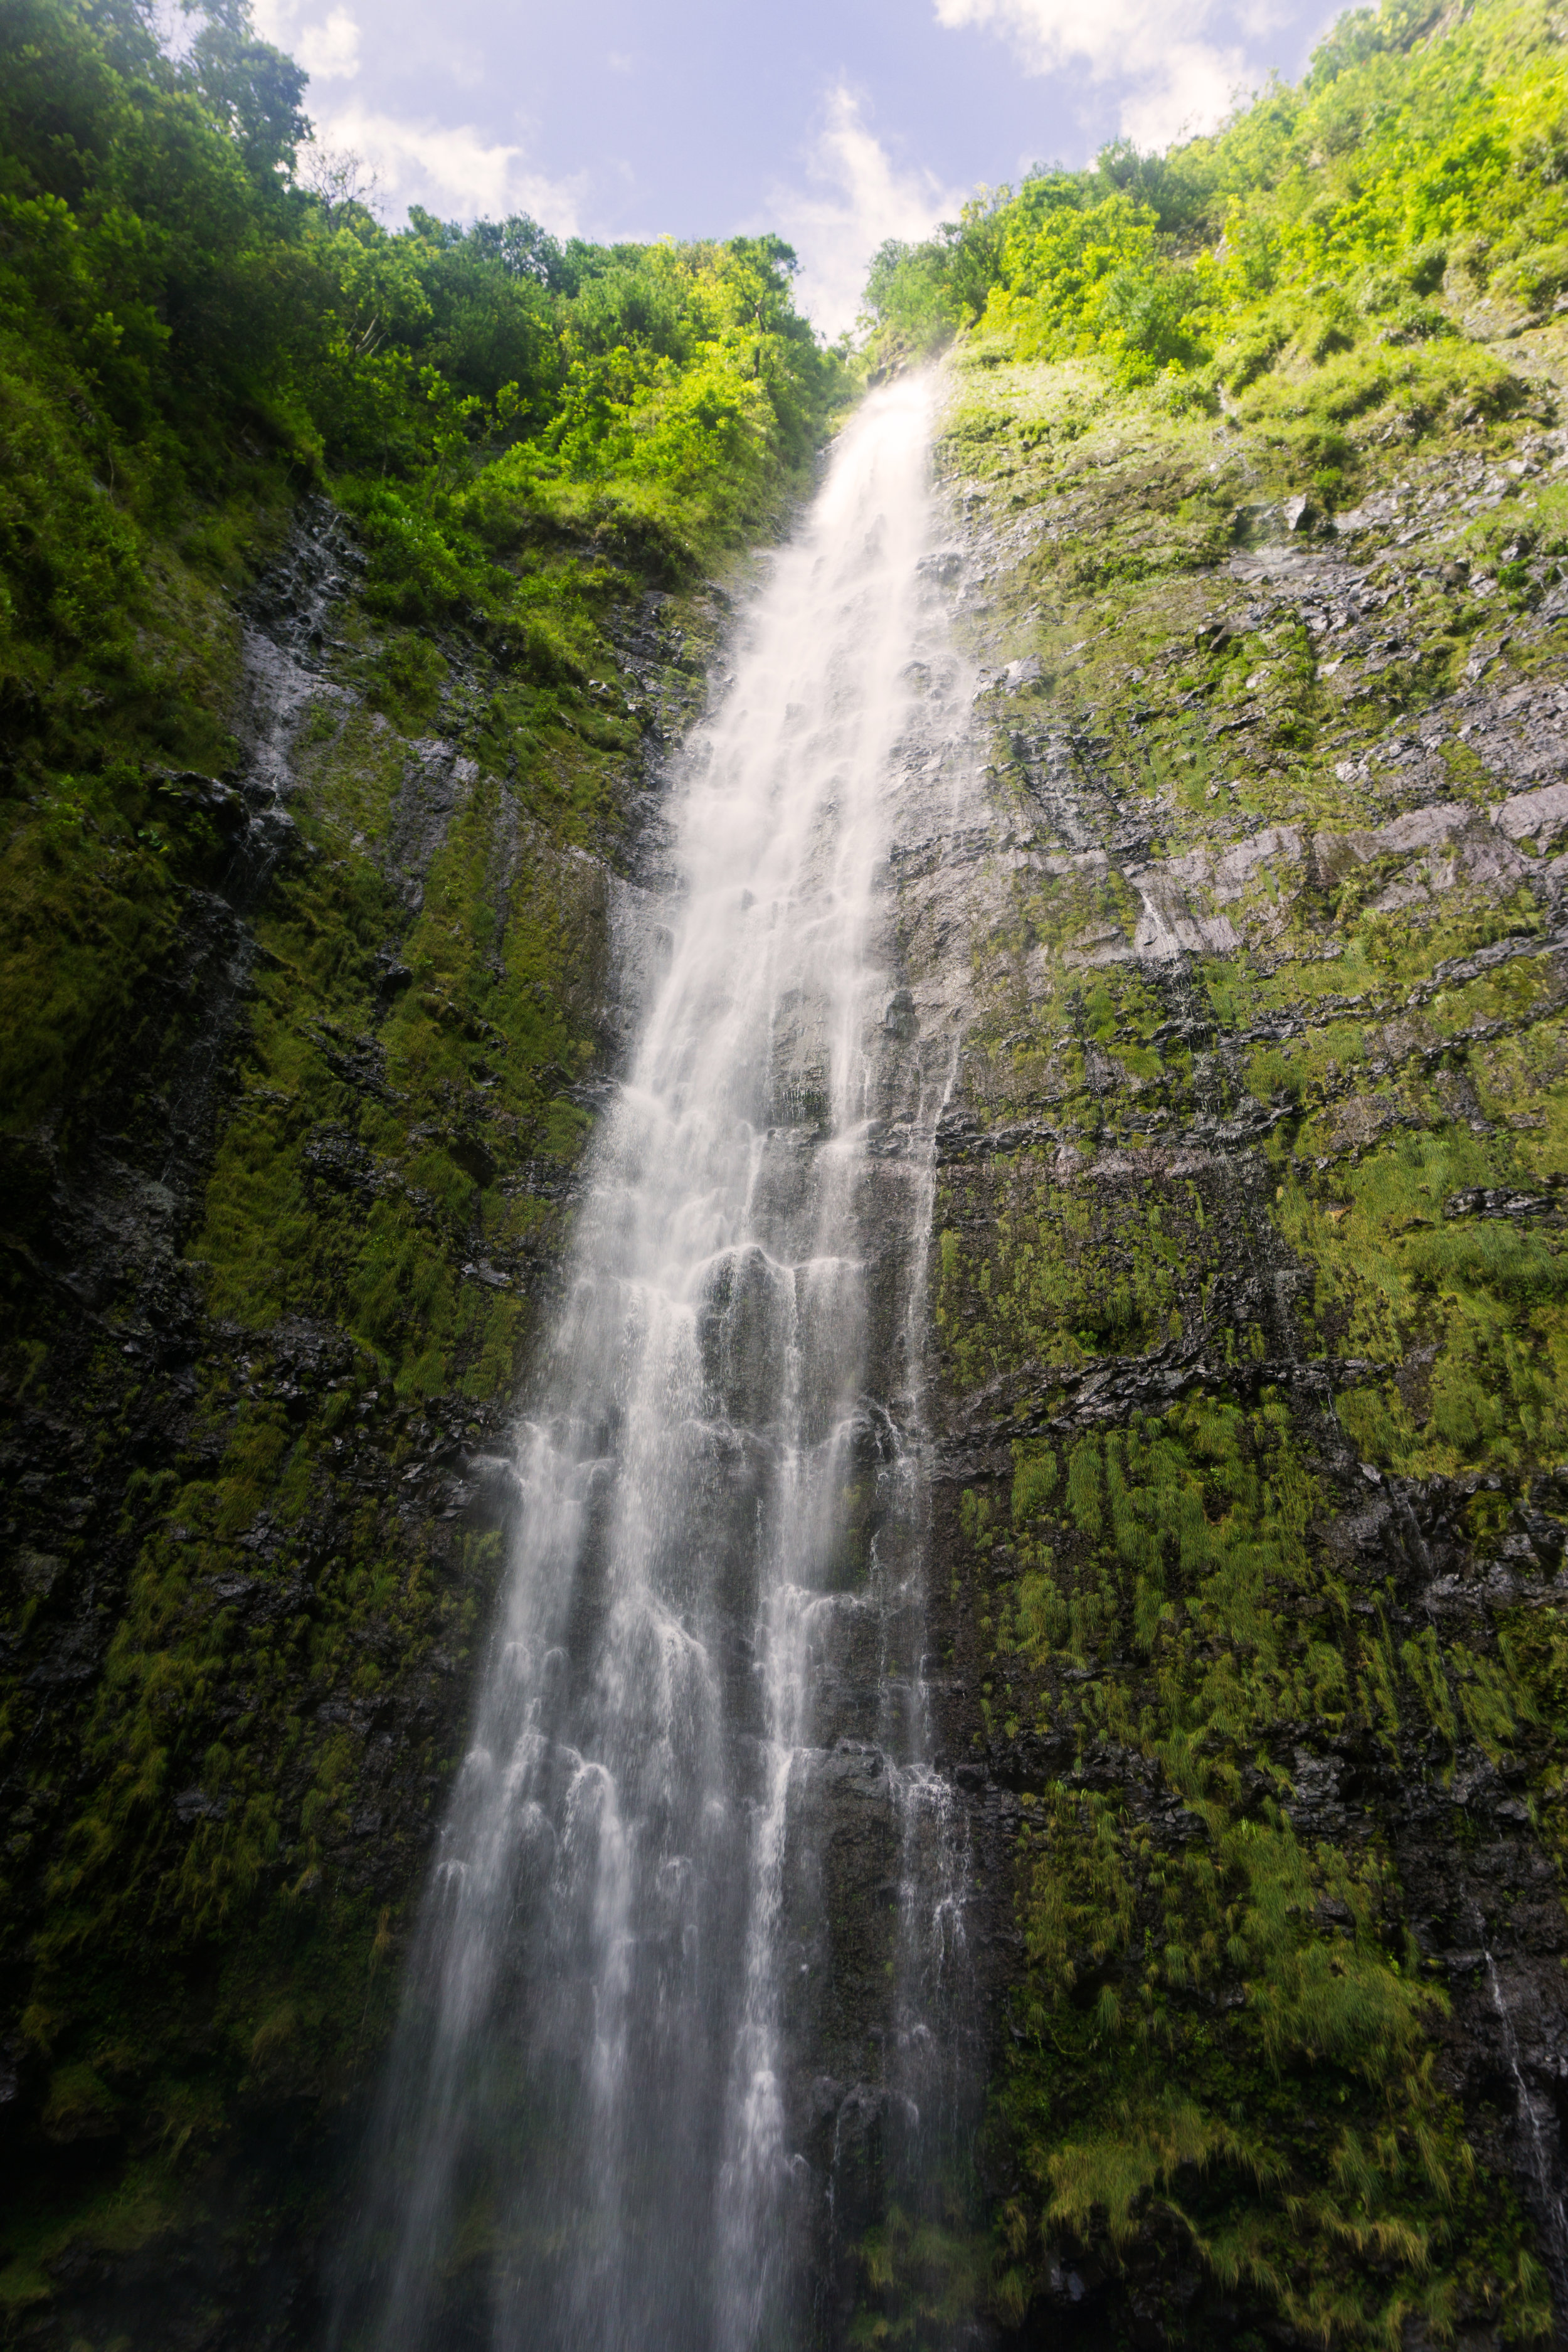 AstroBandit_Maui_Hawaii_JordanRose_Hana_WaimokuFalls_29.jpg